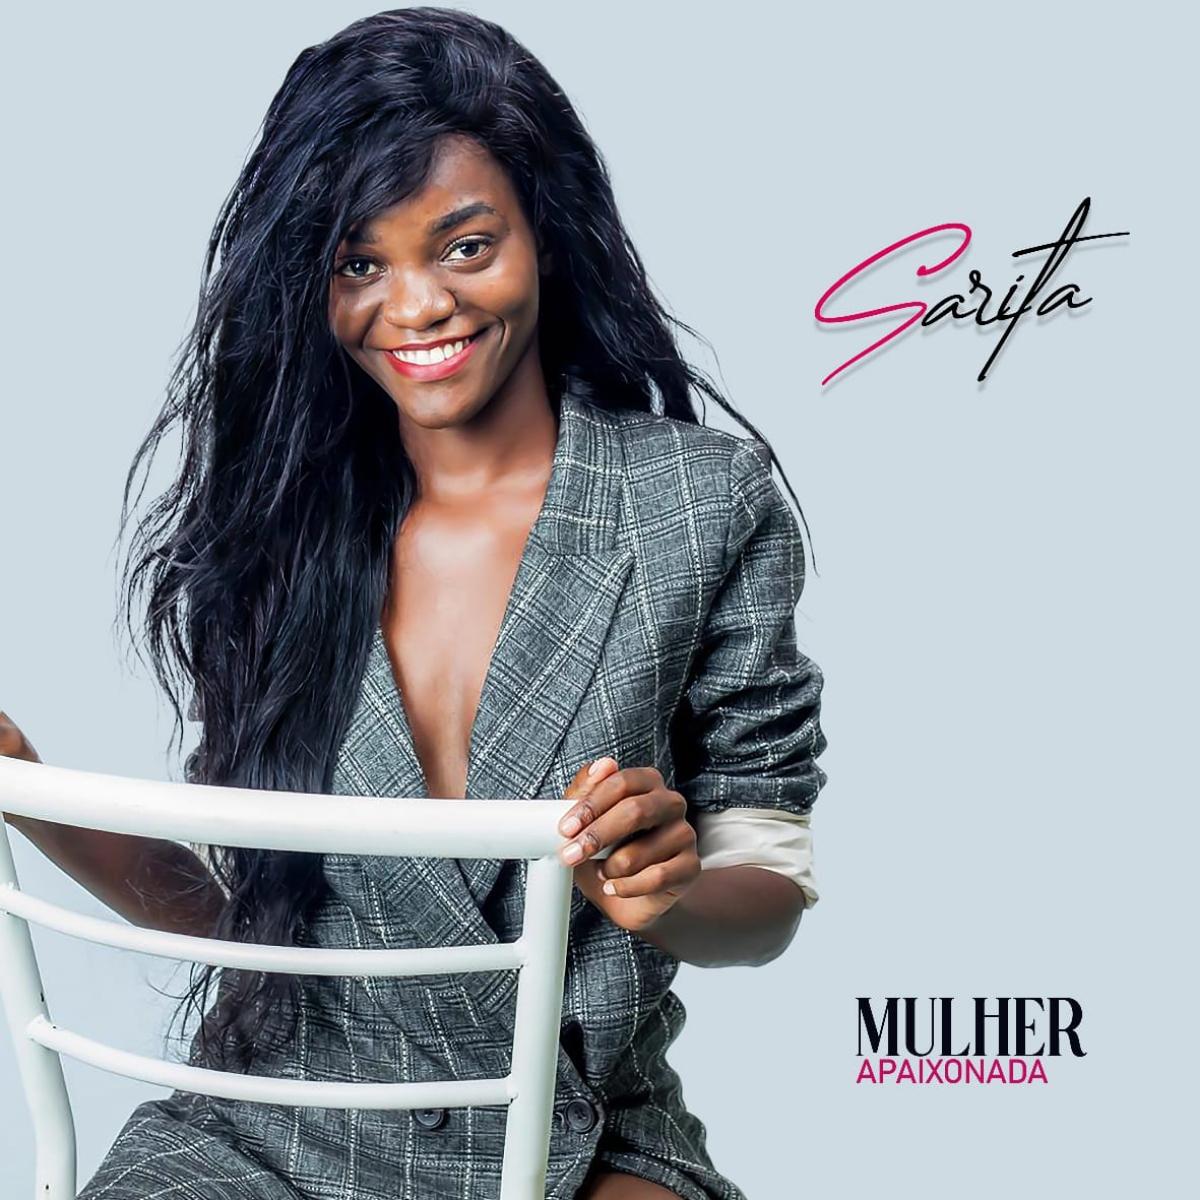 Sarita – Mulher Apaxonada (Download mp3 2020)